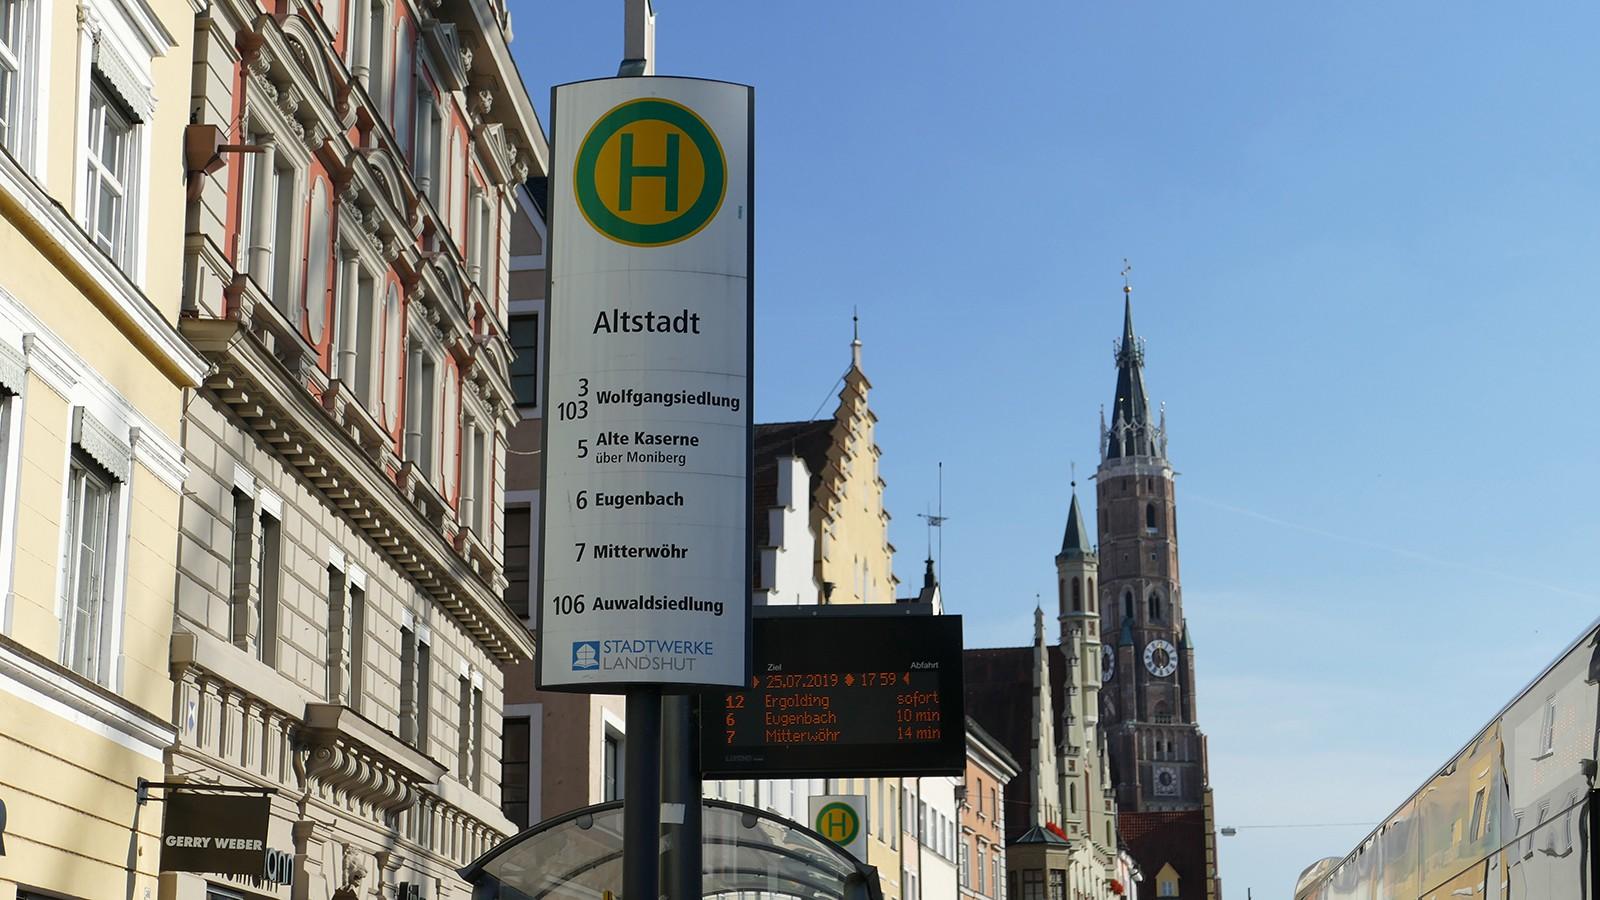 Bushaltestelle Altstadt